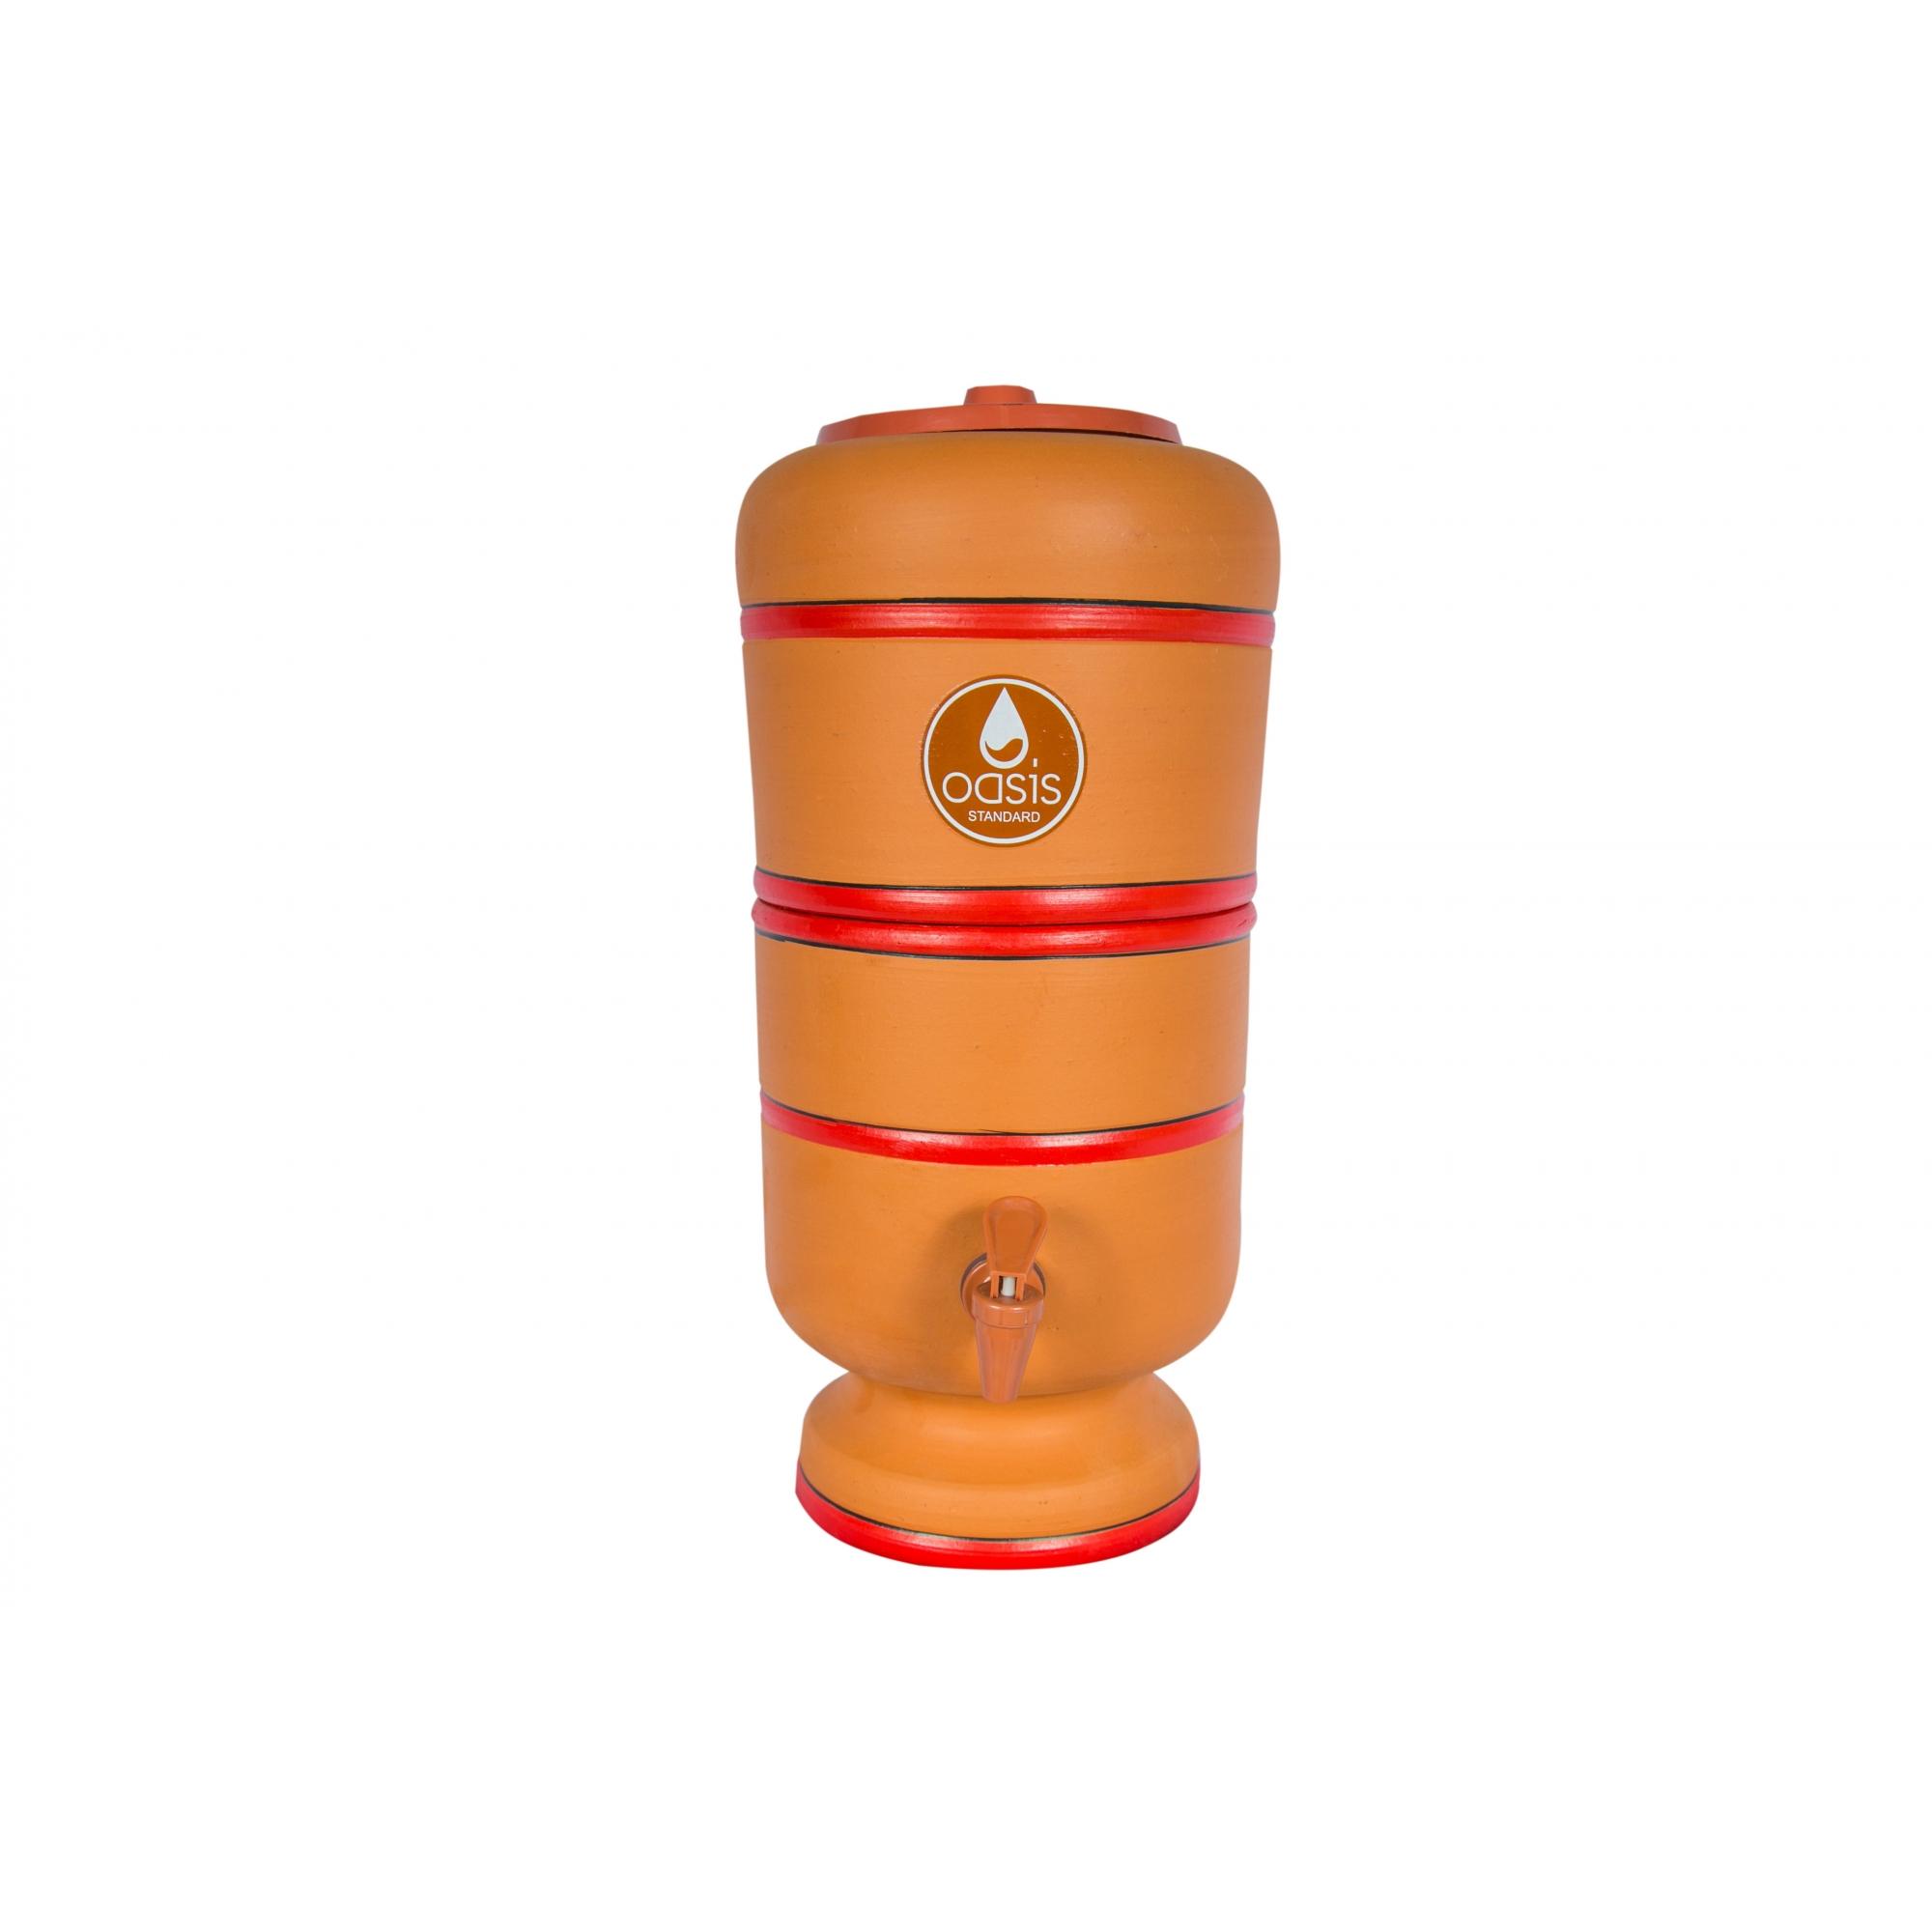 Filtro De Barro Para Água, Oasis Cerâmica Argila 4 Litros N1